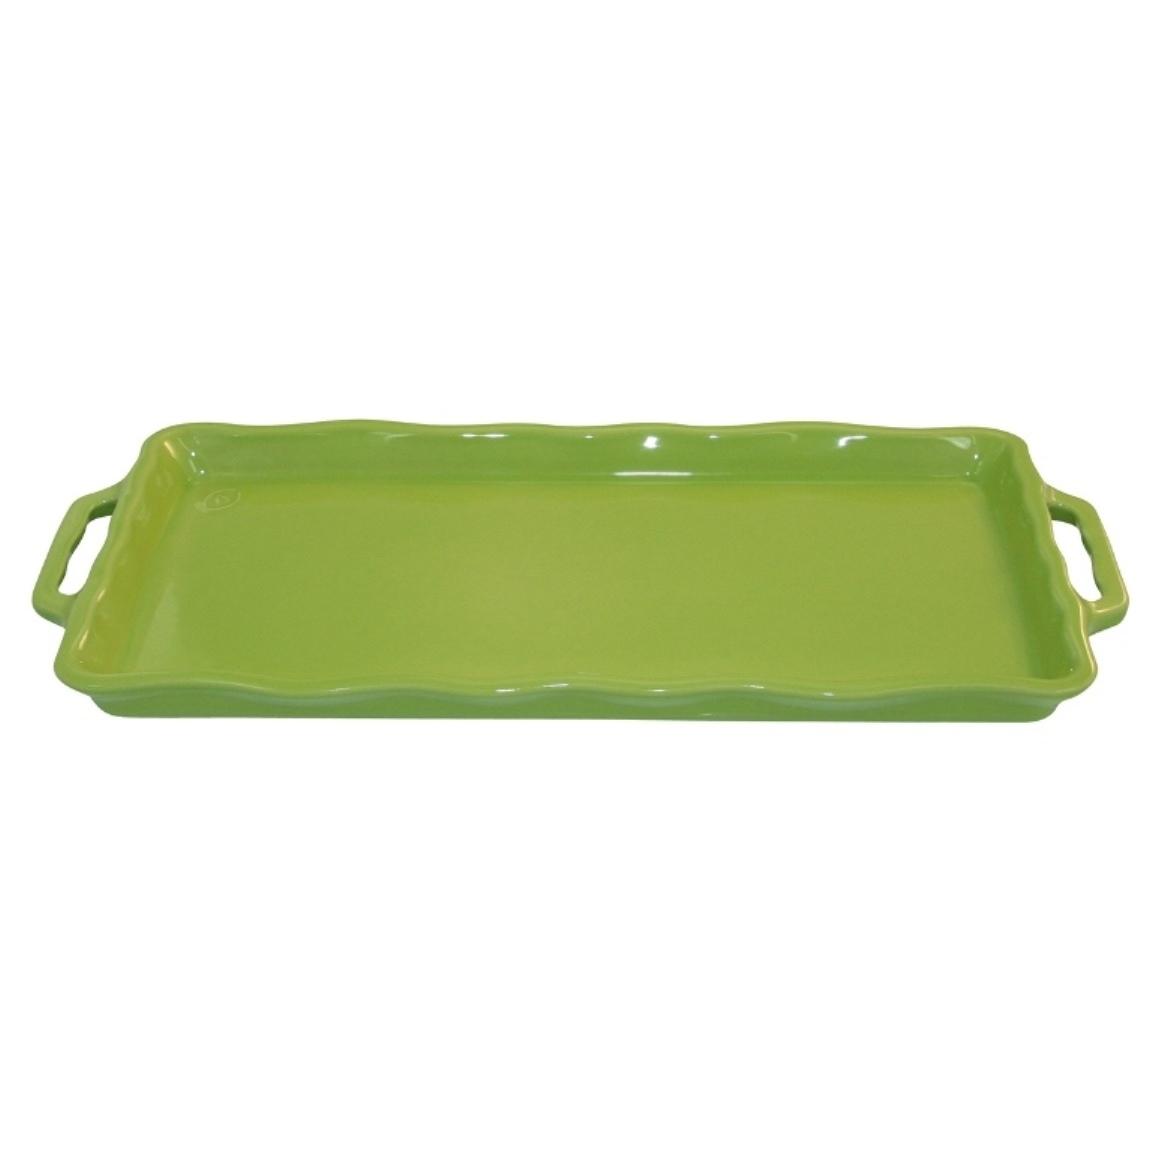 Блюдо для выпечки 41см Appolia Delices LIME 114041027Формы для запекания (выпечки)<br>Блюдо для выпечки 41см Appolia Delices LIME 114041027<br><br>Благодаря большому разнообразию изящных форм и широкой цветовой гамме, коллекция DELICES предлагает всевозможные варианты приготовления блюд для себя и гостей. Выбирайте цвета в соответствии с вашими желаниями и вашей кухне. Закругленные углы облегчают чистку. Легко использовать. Большие удобные ручки. Прочная жароустойчивая керамика экологична и изготавливается из высококачественной глины. Прочная глазурь устойчива к растрескиванию и сколам, не содержит свинца и кадмия. Глина обеспечивает медленный и равномерный нагрев, деликатное приготовление с сохранением всех питательных веществ и витаминов, а та же долго сохраняет тепло, что удобно при сервировке горячих блюд.<br>